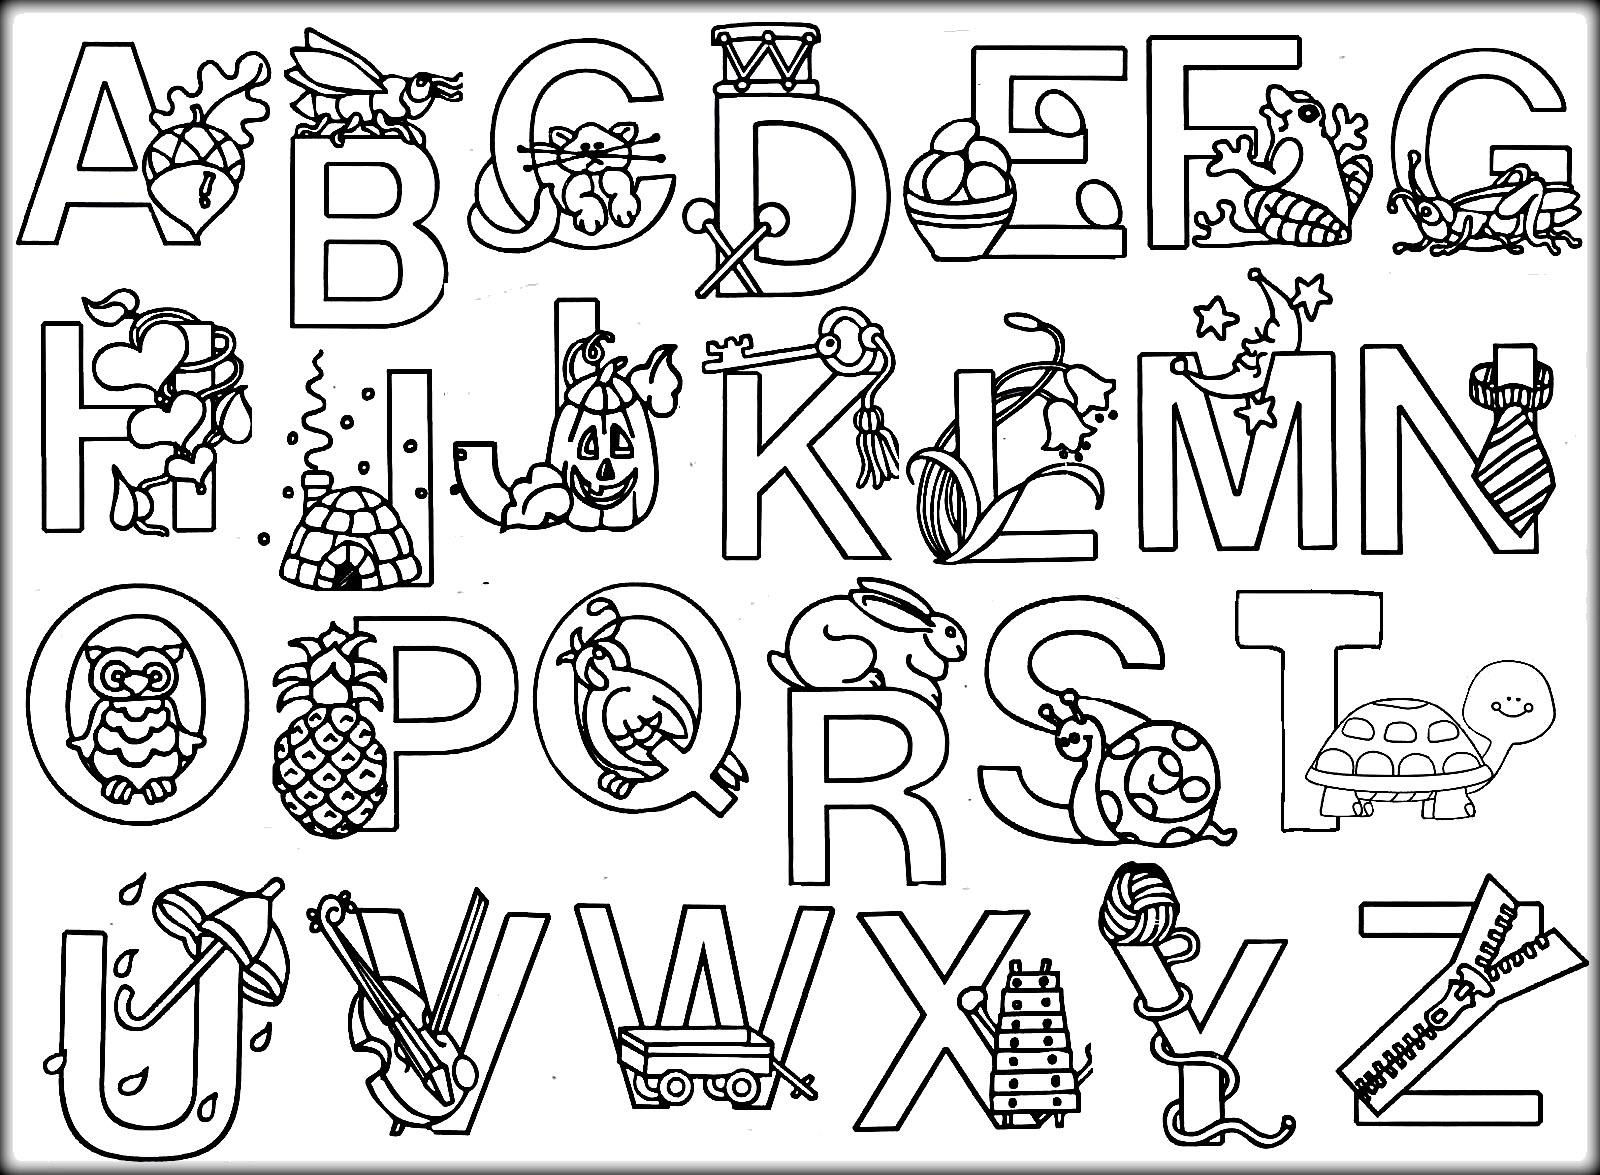 Hình ảnh bảng chữ cái tiếng Anh tô màu